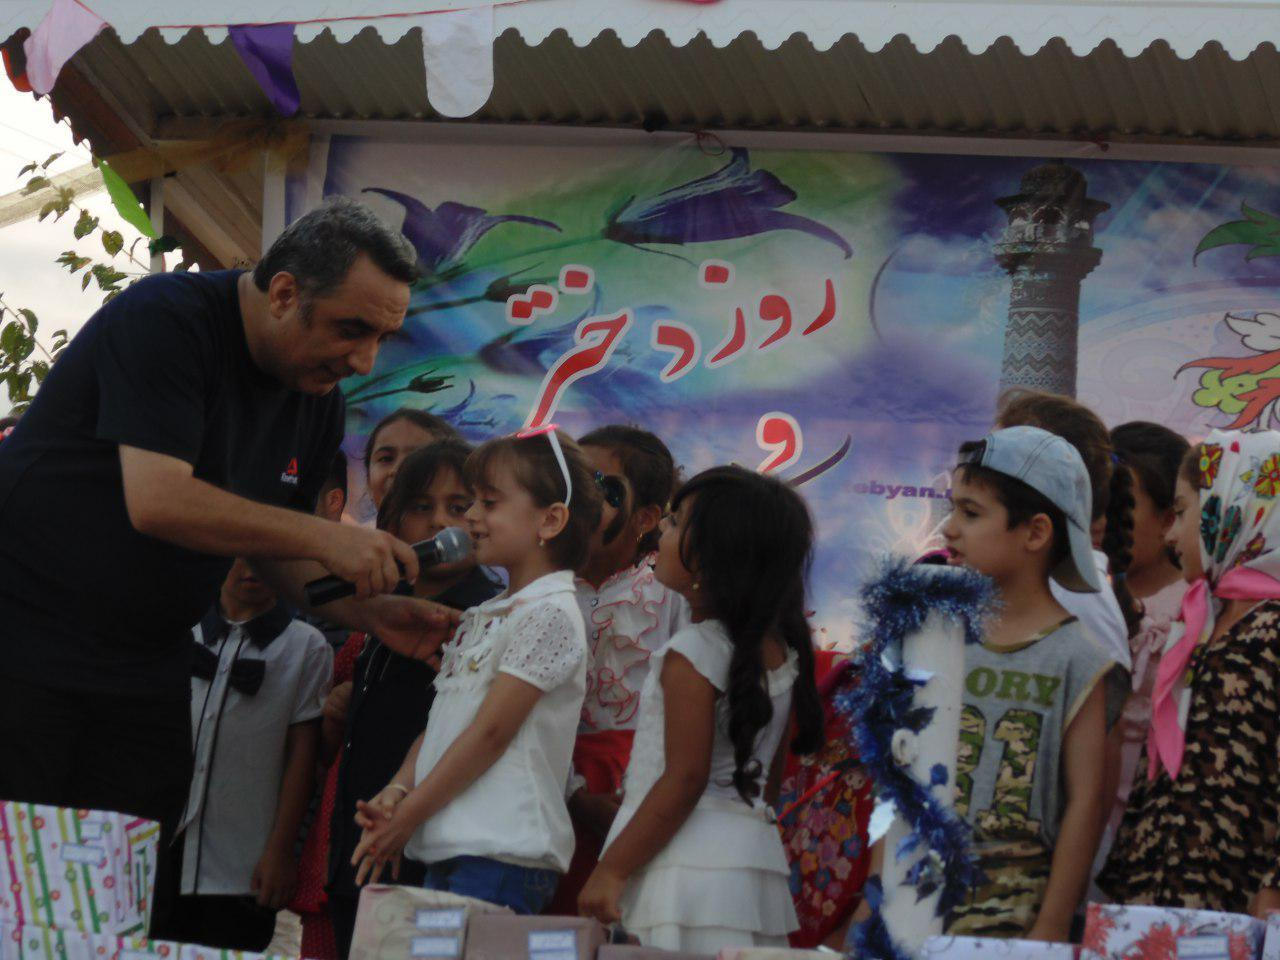 گزارش تصویری مراسم بزرگداشت روز دختر در شهرستان تالش